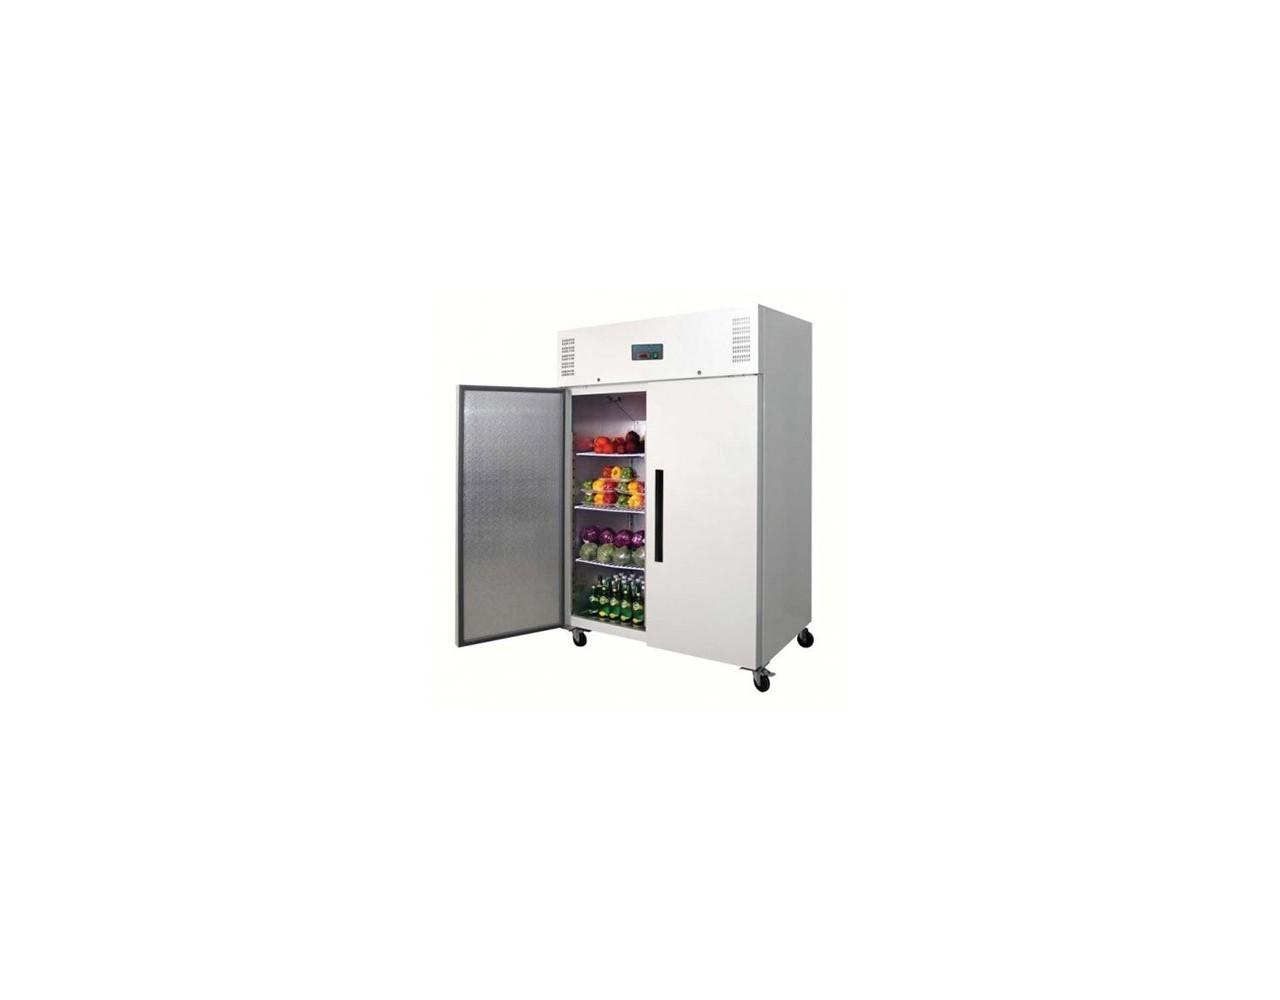 R frig rateurs et tout le mat riel horeca professionnel - Refrigerateur avec tiroirs congelation ...